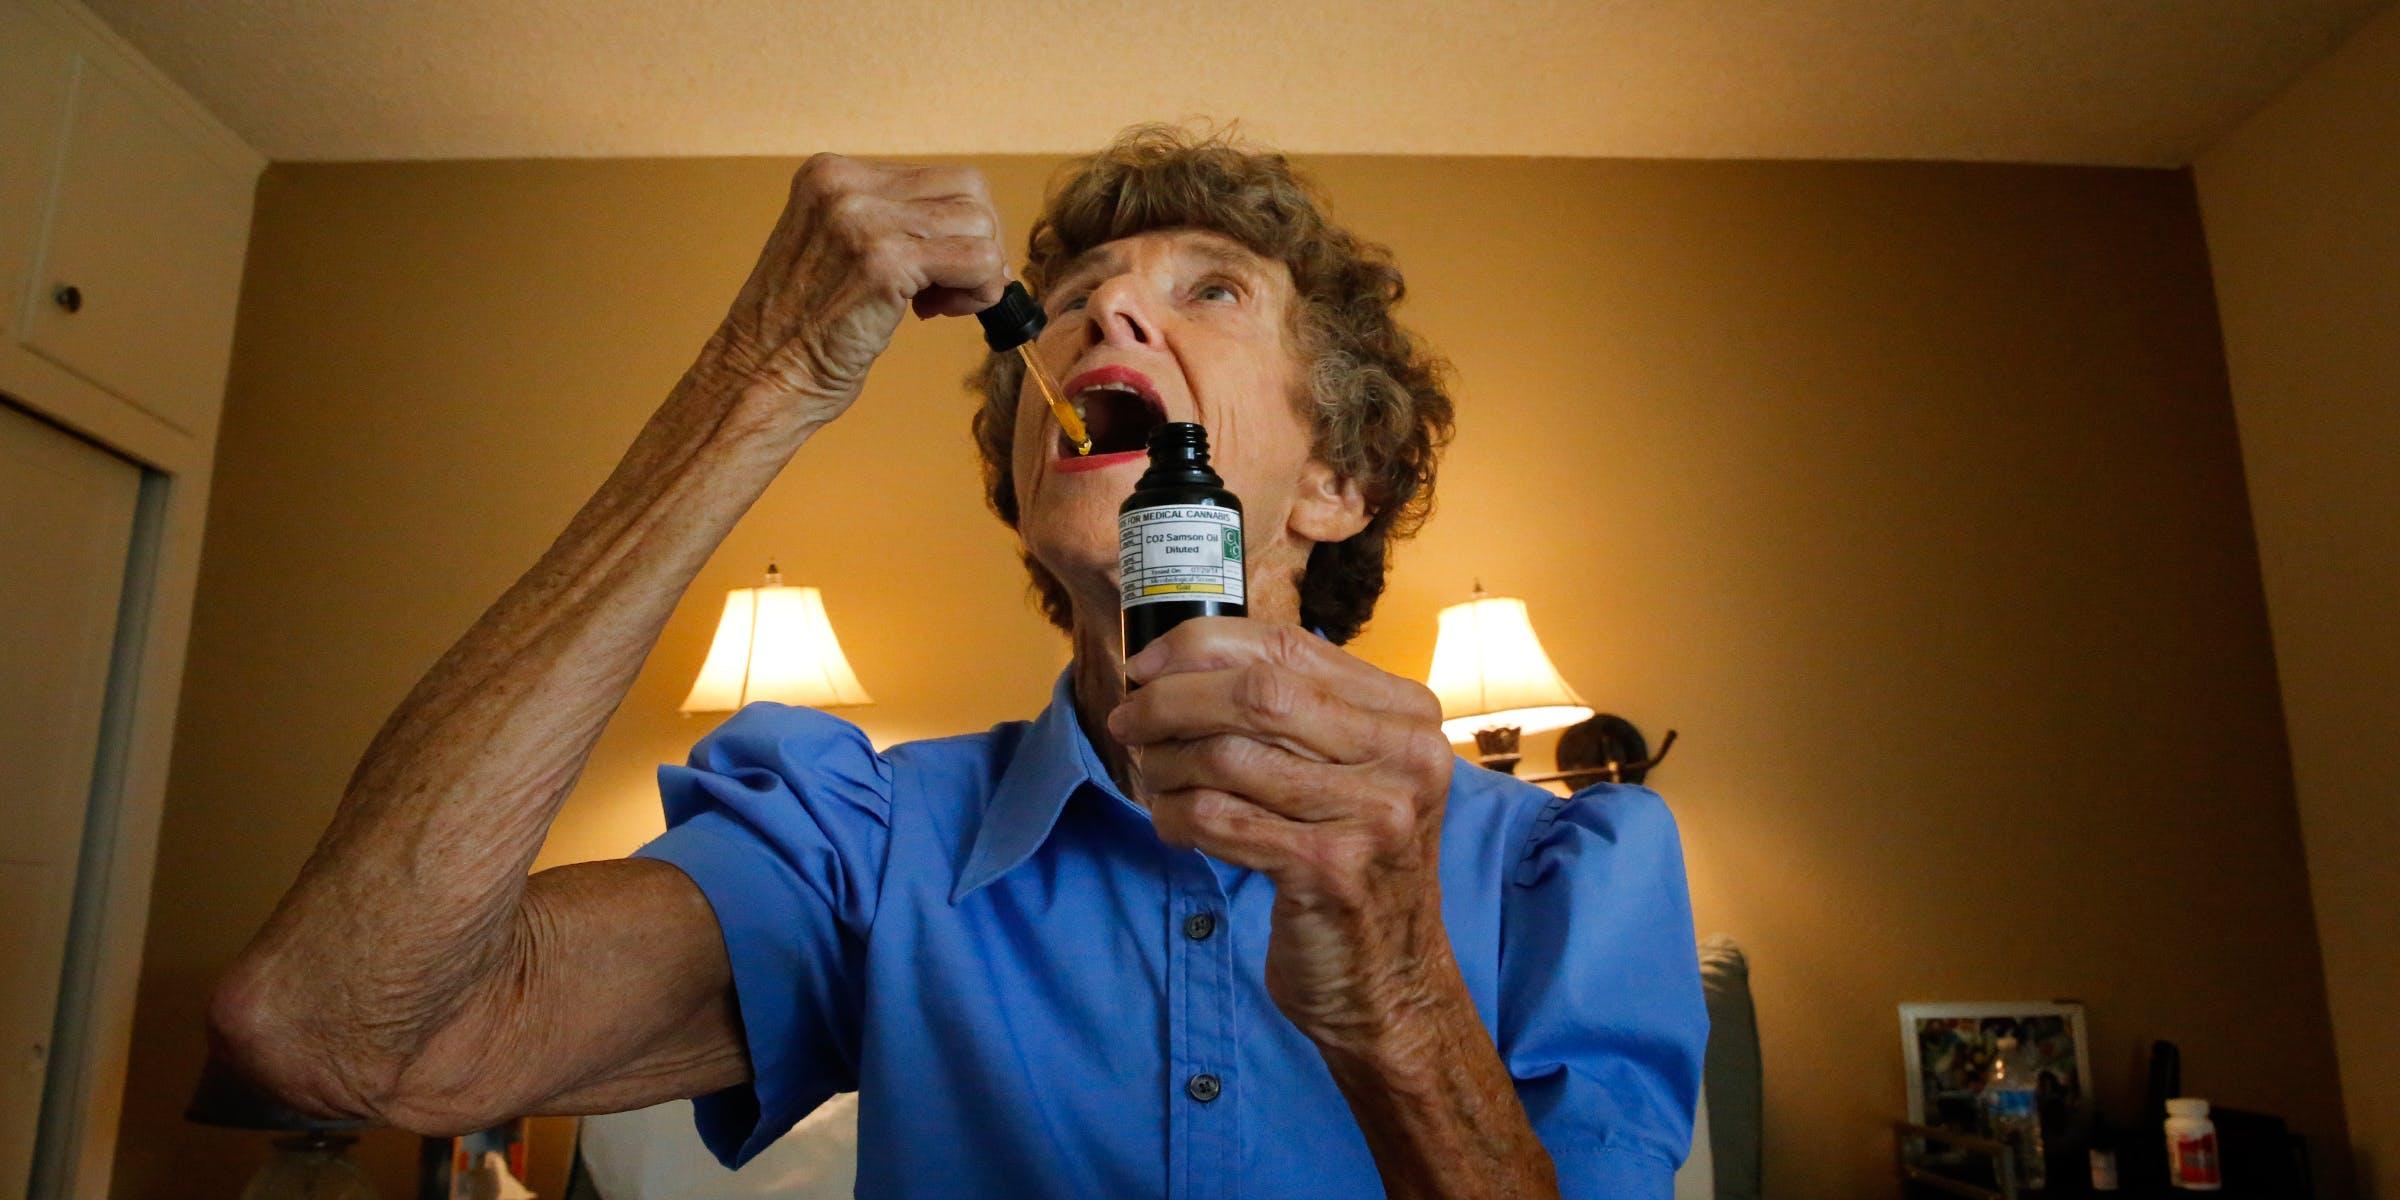 Old women taking CBD Oil cannabis for seniors